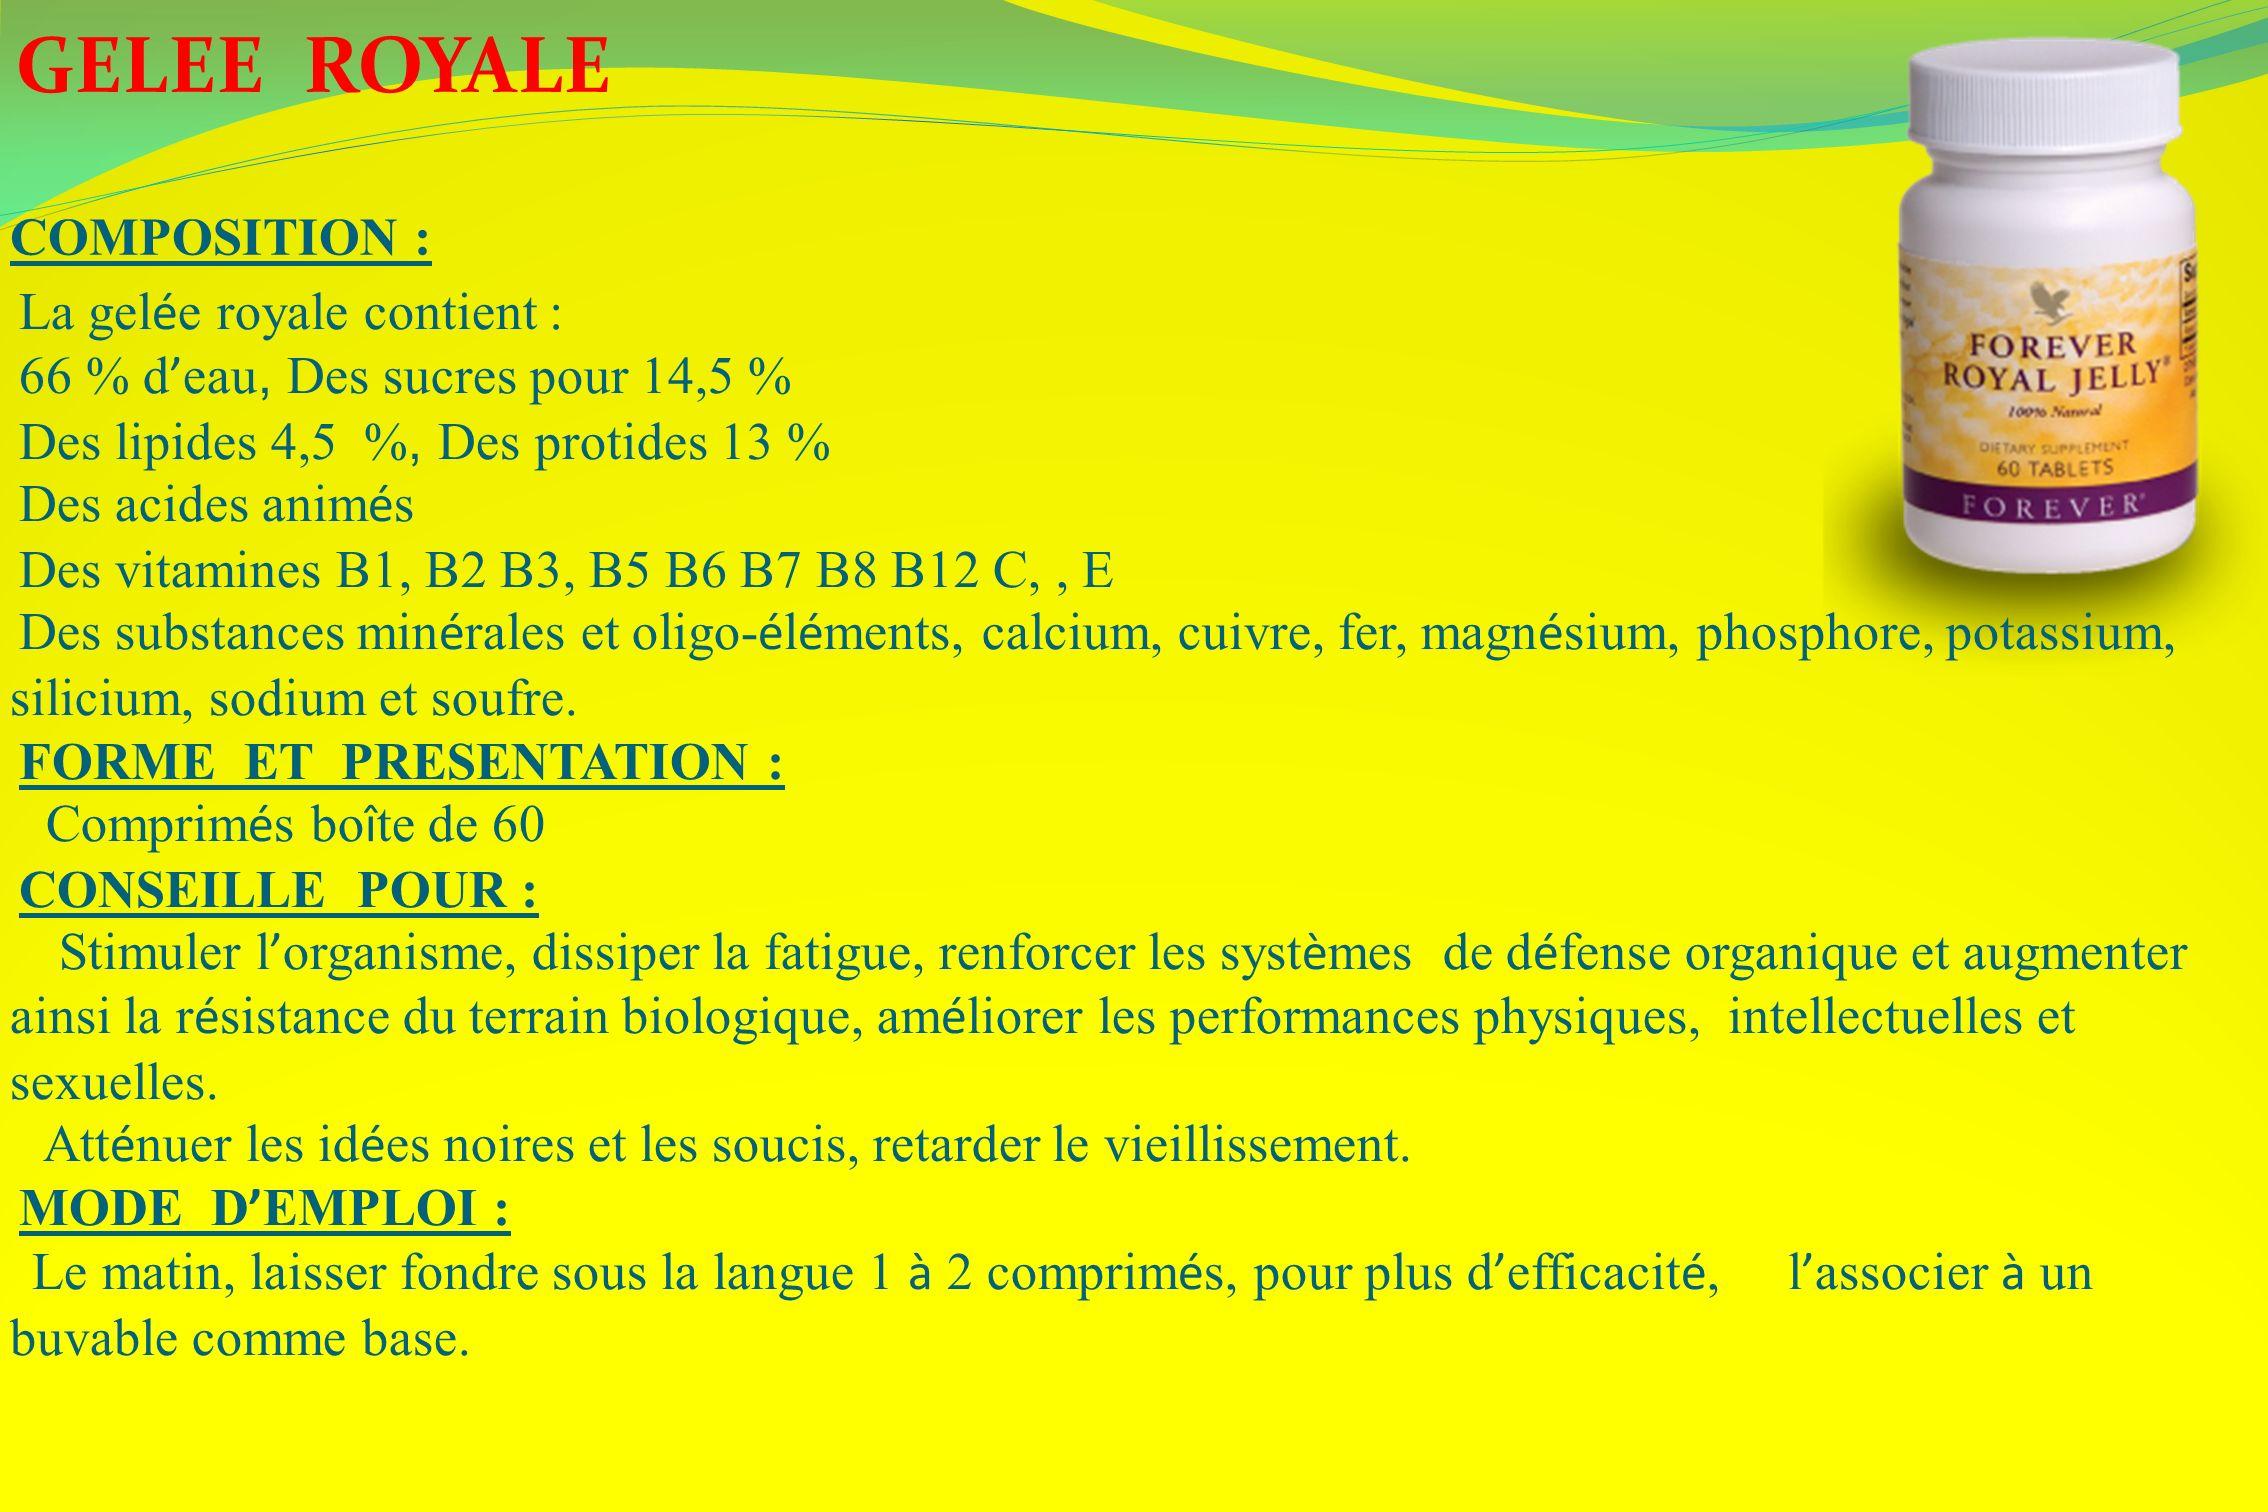 GELEE ROYALE COMPOSITION : La gelée royale contient :